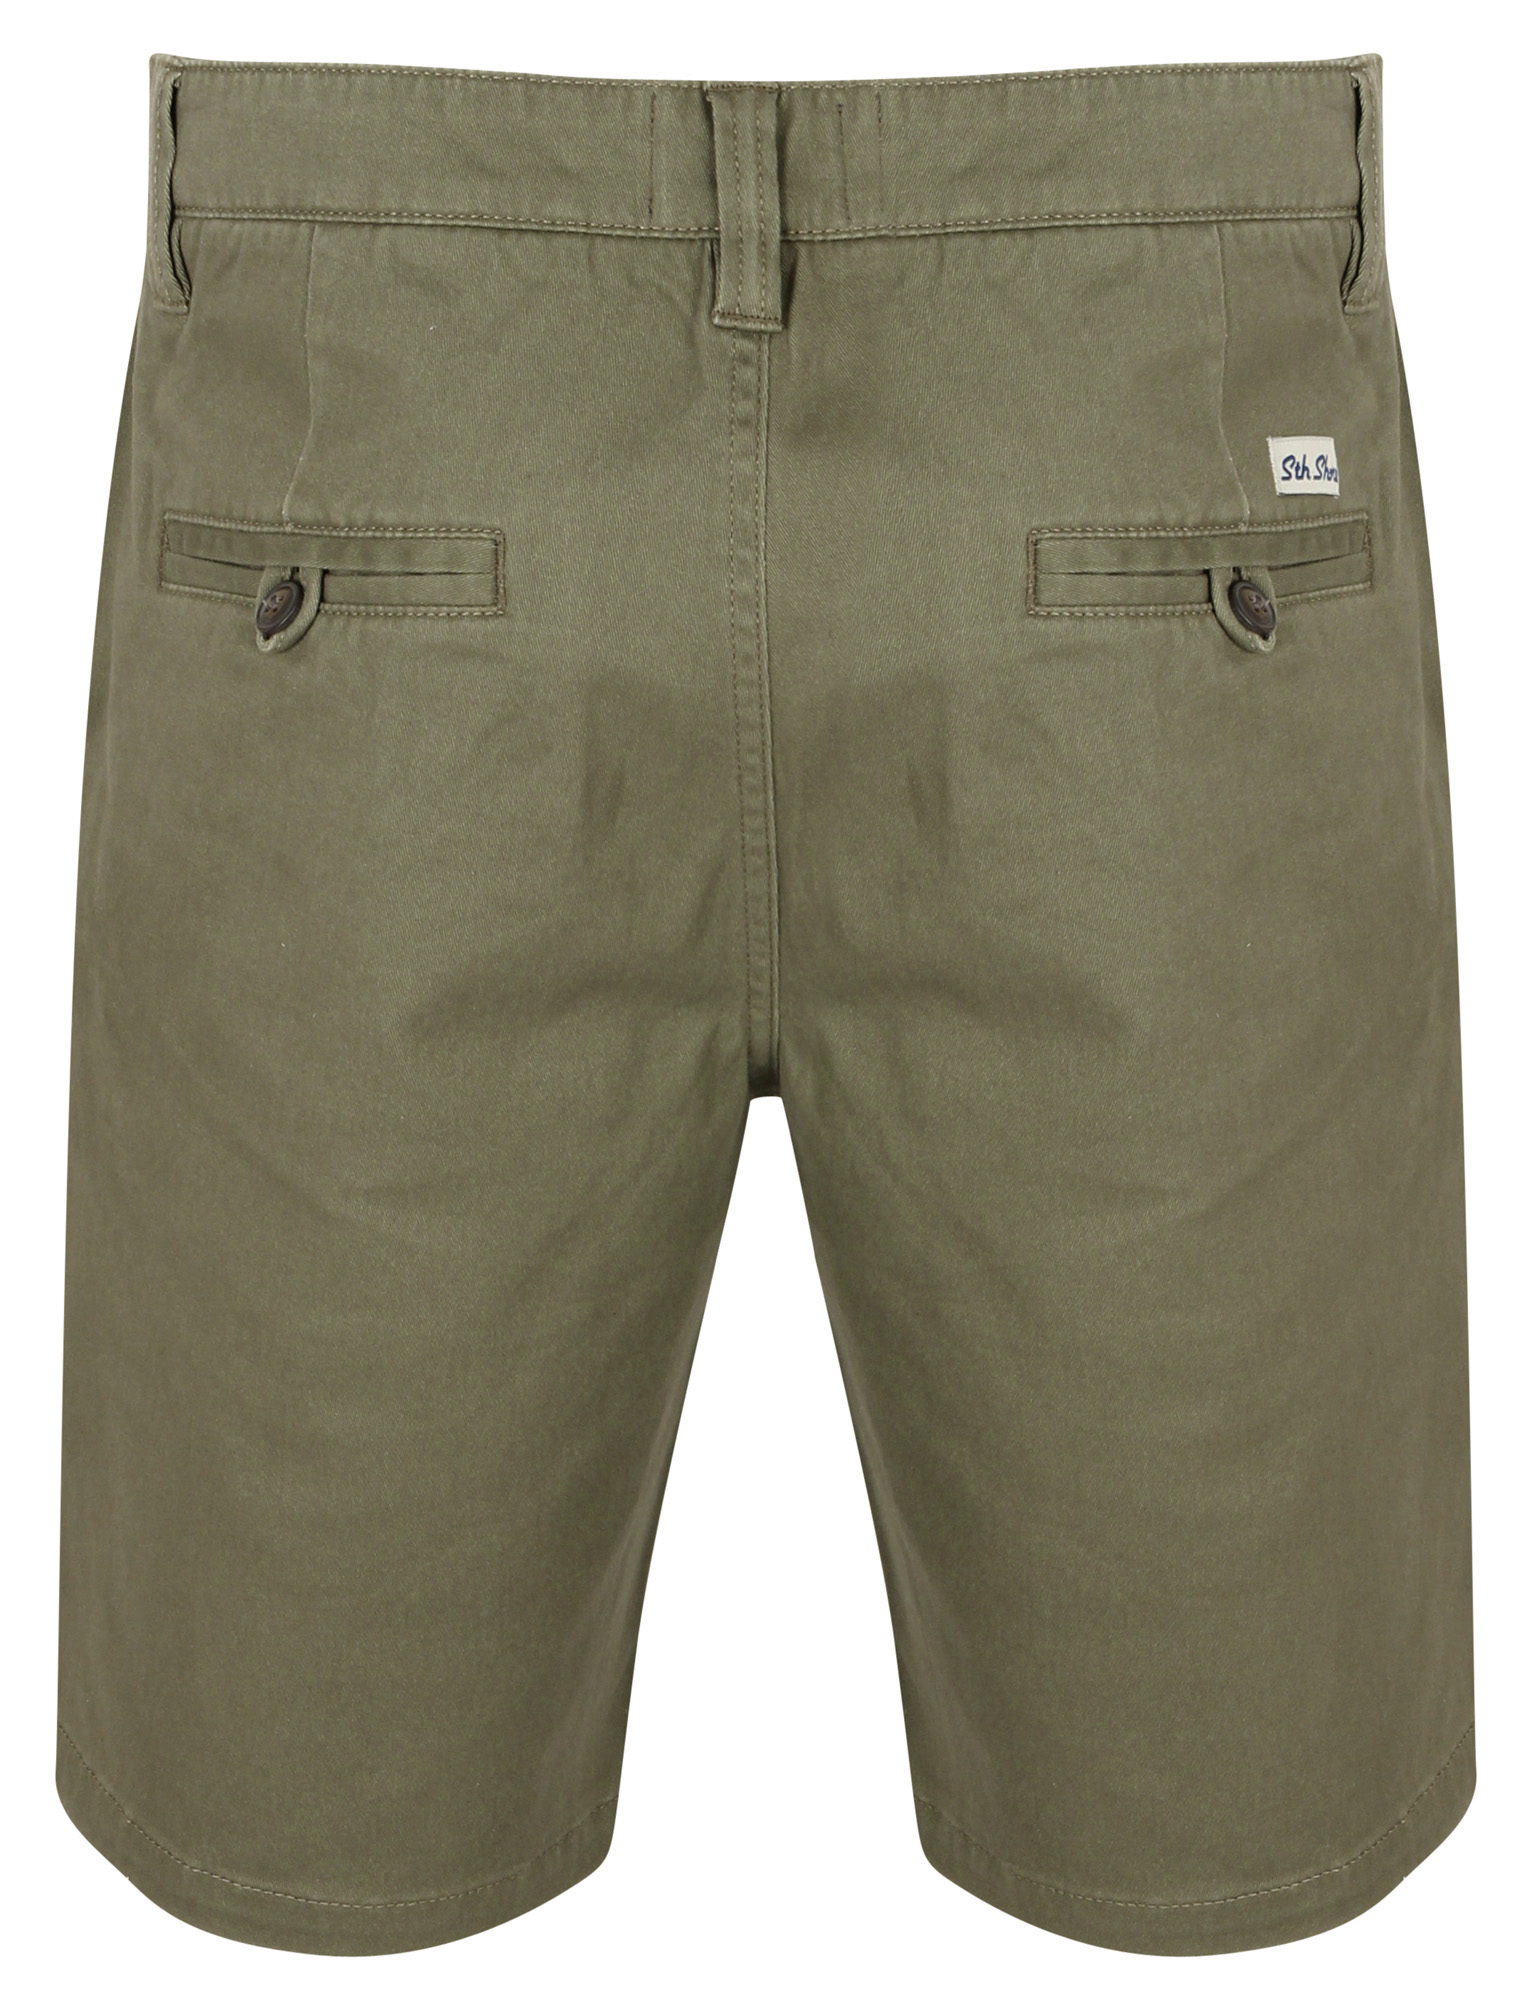 South-Shore-uomo-Scotch-Tinta-Unita-Cotone-Twill-Casual-Jeans-Corti-Chino-Taglia-S-XXL miniatura 15